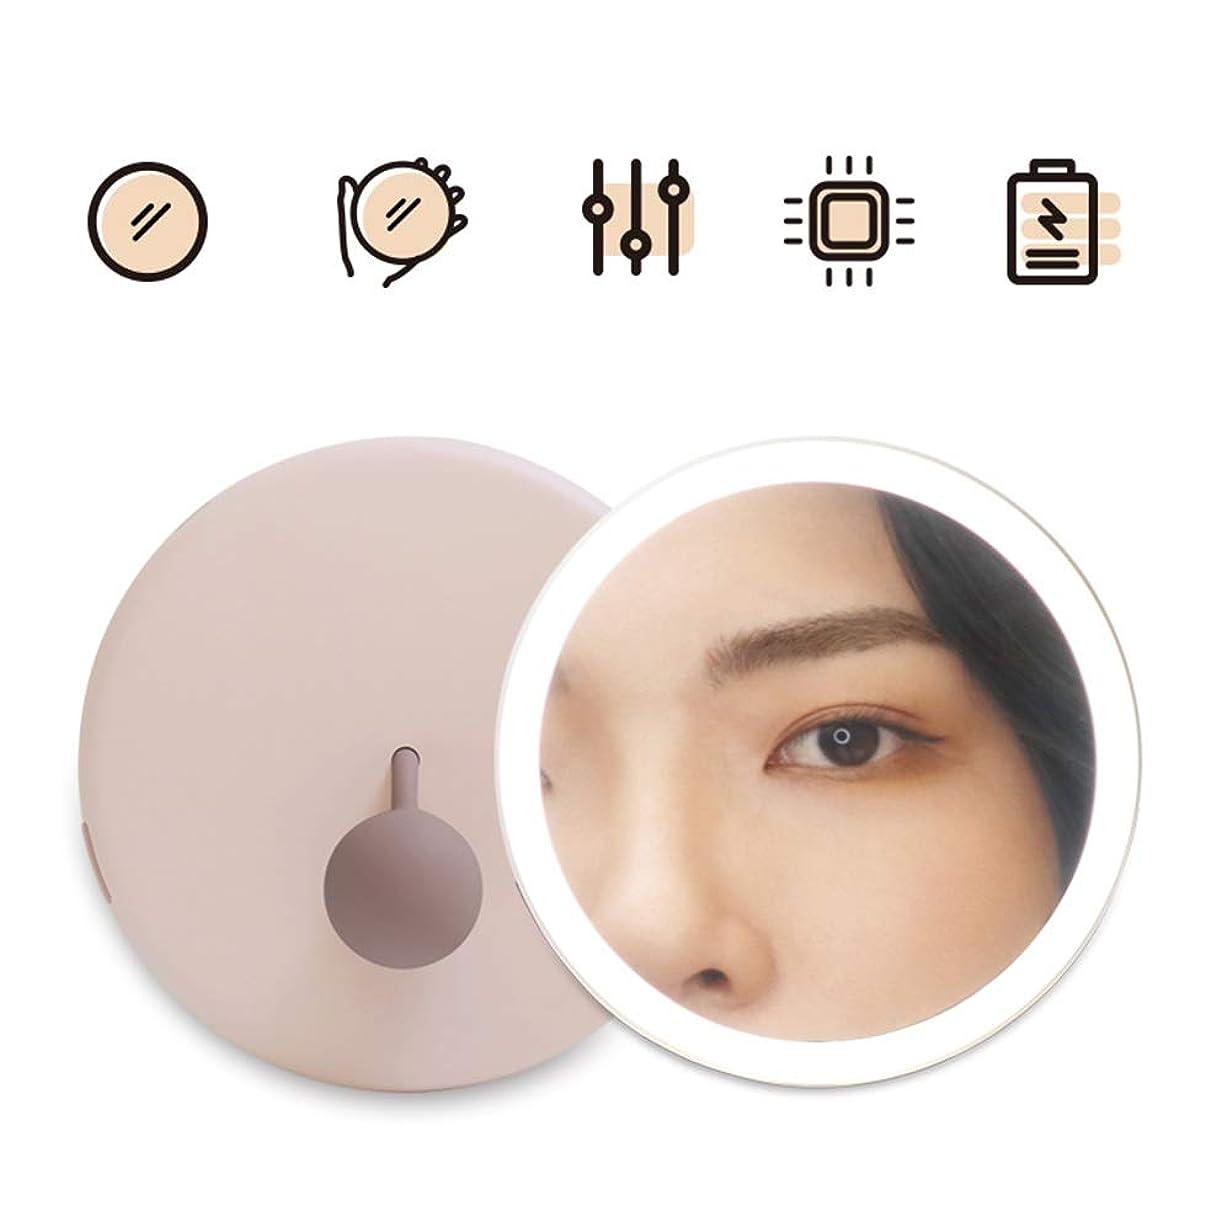 なぞらえるこどもセンターコマンドGEABQJ LED化粧鏡 ハンドヘルド 運ぶ ミニ 素敵な フィル顕微鏡、 2色、 直径114.5mm (Color : Pink)